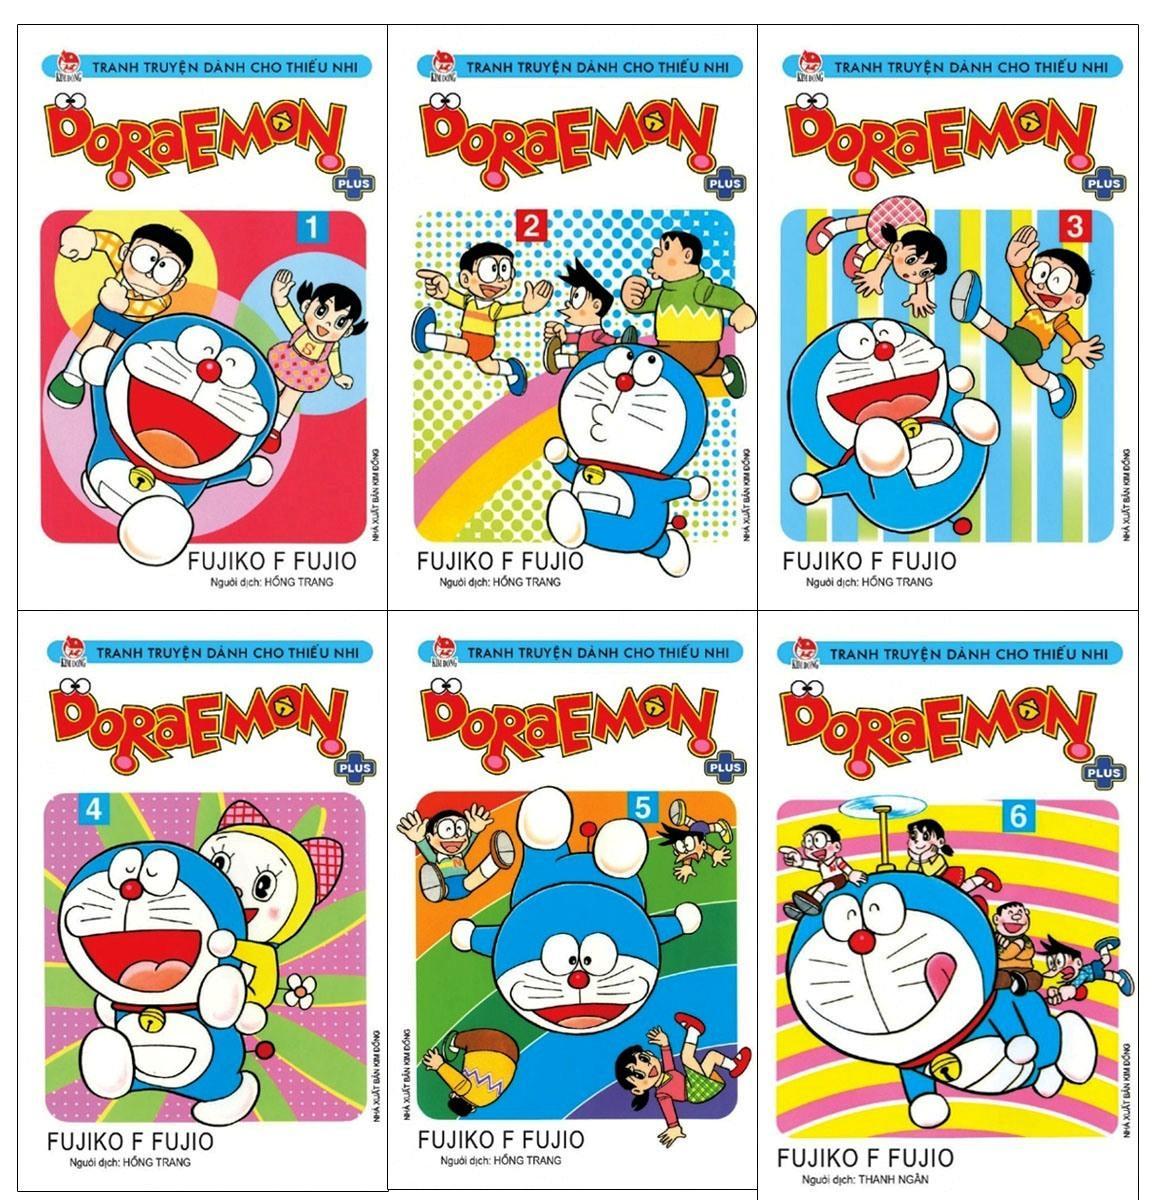 Combo Doraemon Plus (Trọn Bộ 6 Tập) Giá Siêu Cạnh Tranh